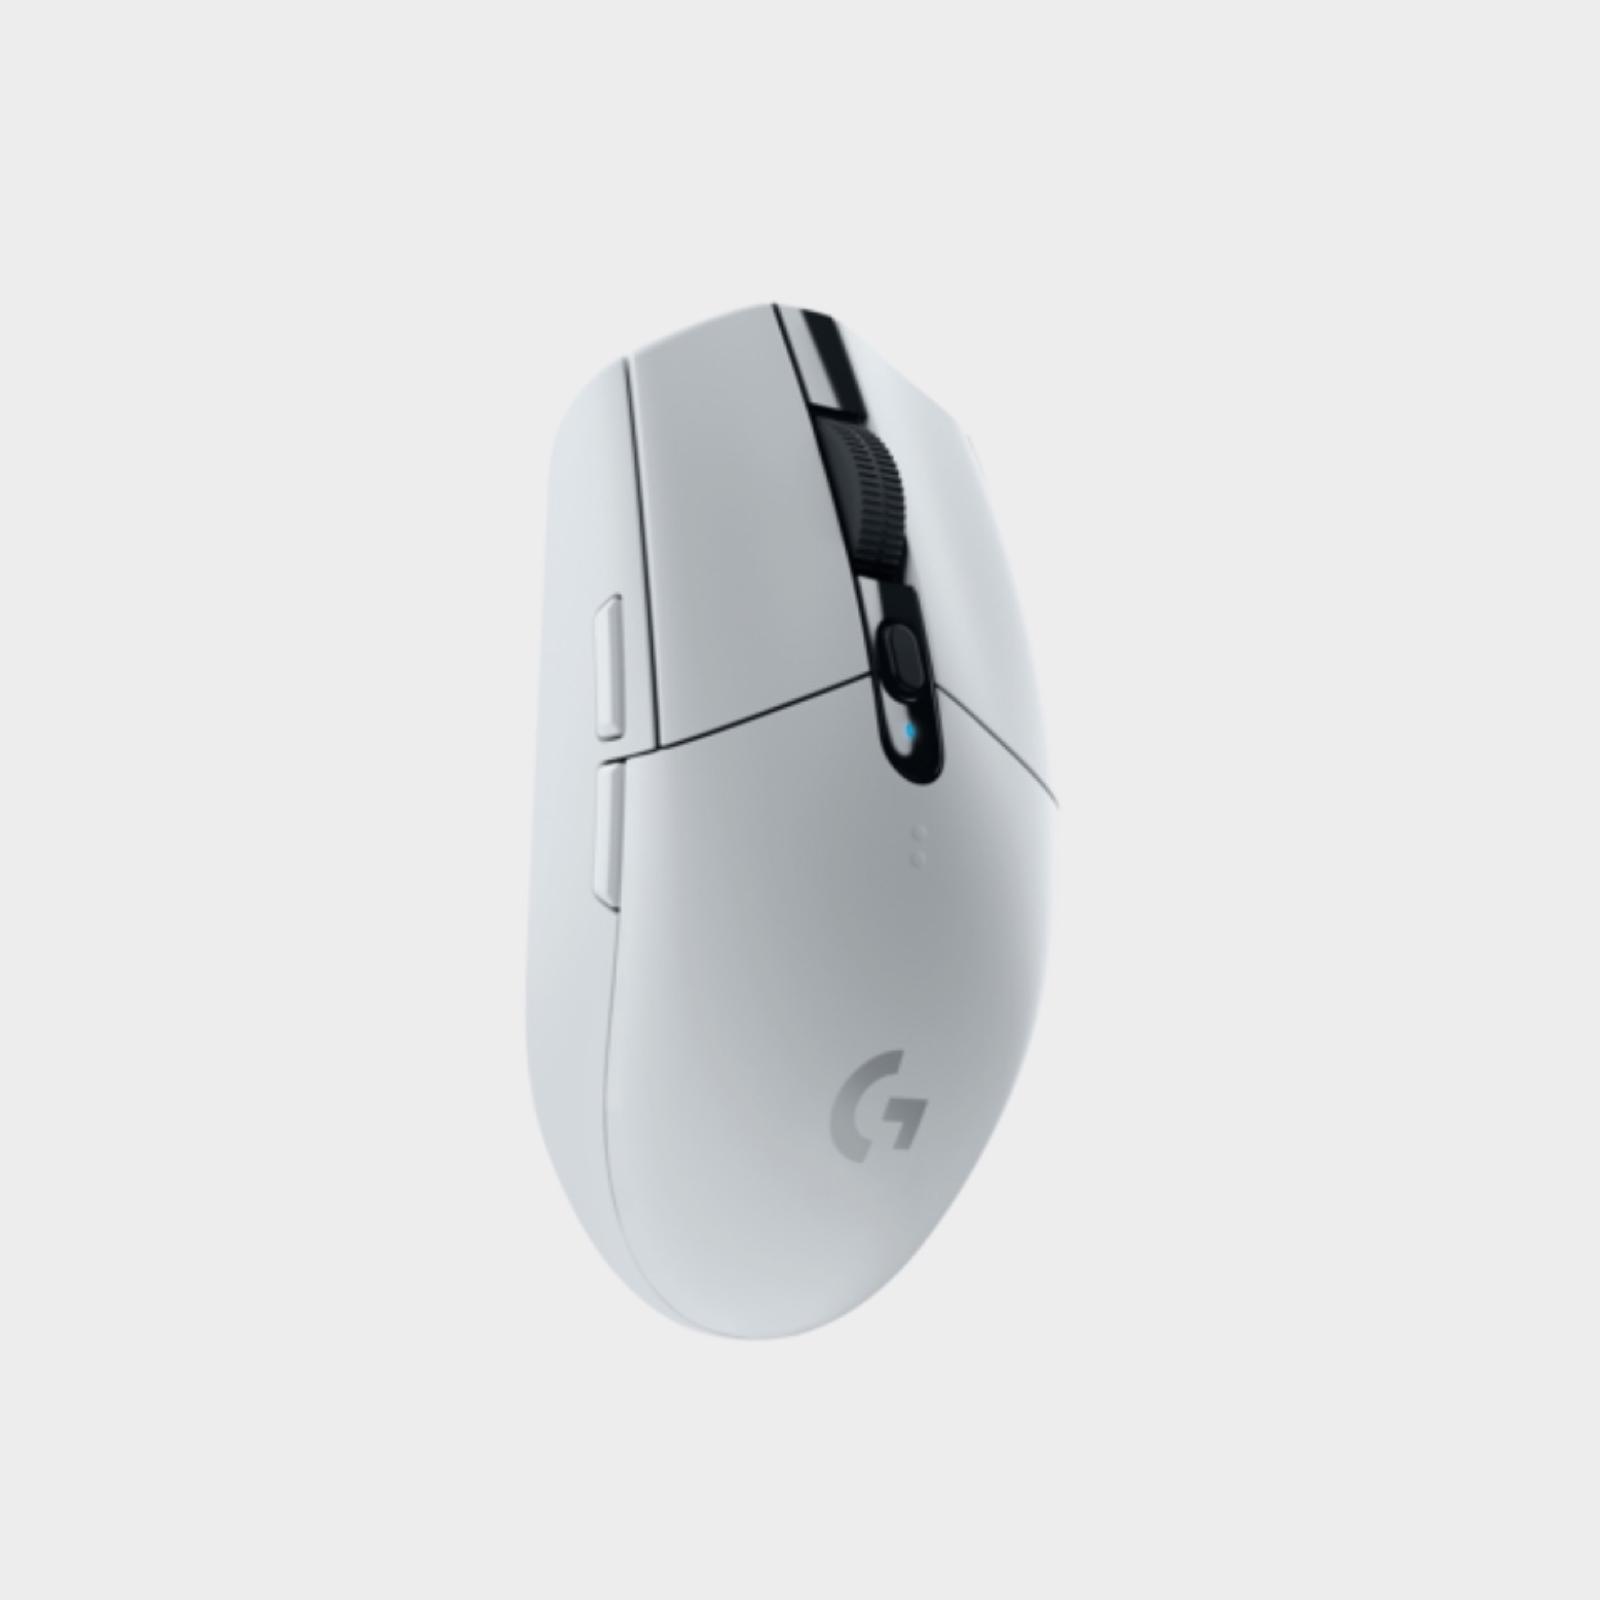 ماوس گیمینگ لاجیتک جی Logitech G305